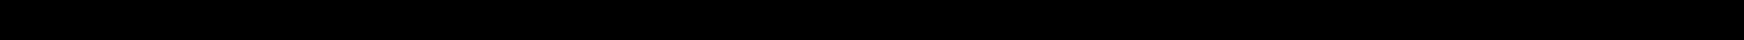 OCRGreek-A.otf